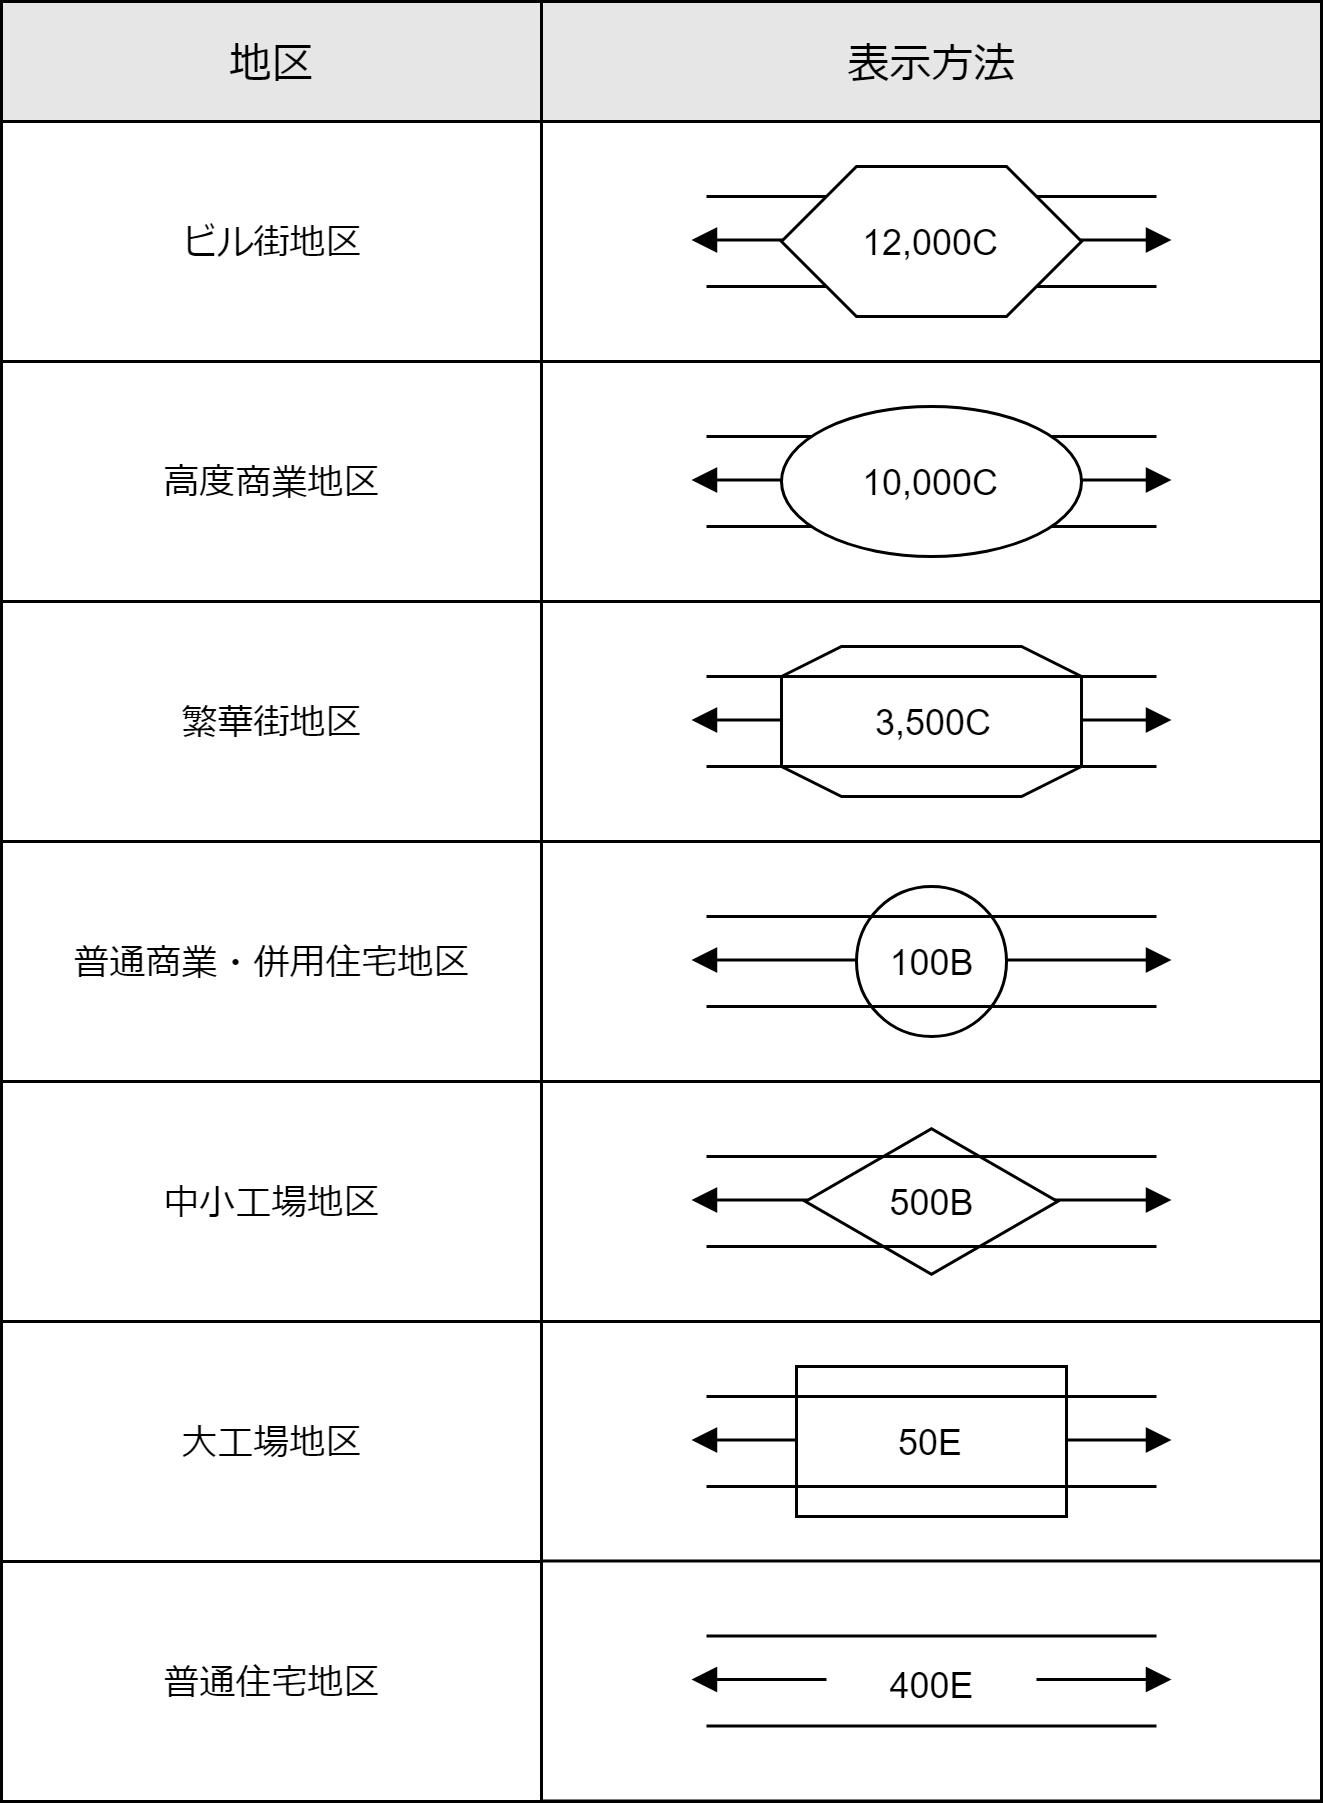 図形と地区区分の対応